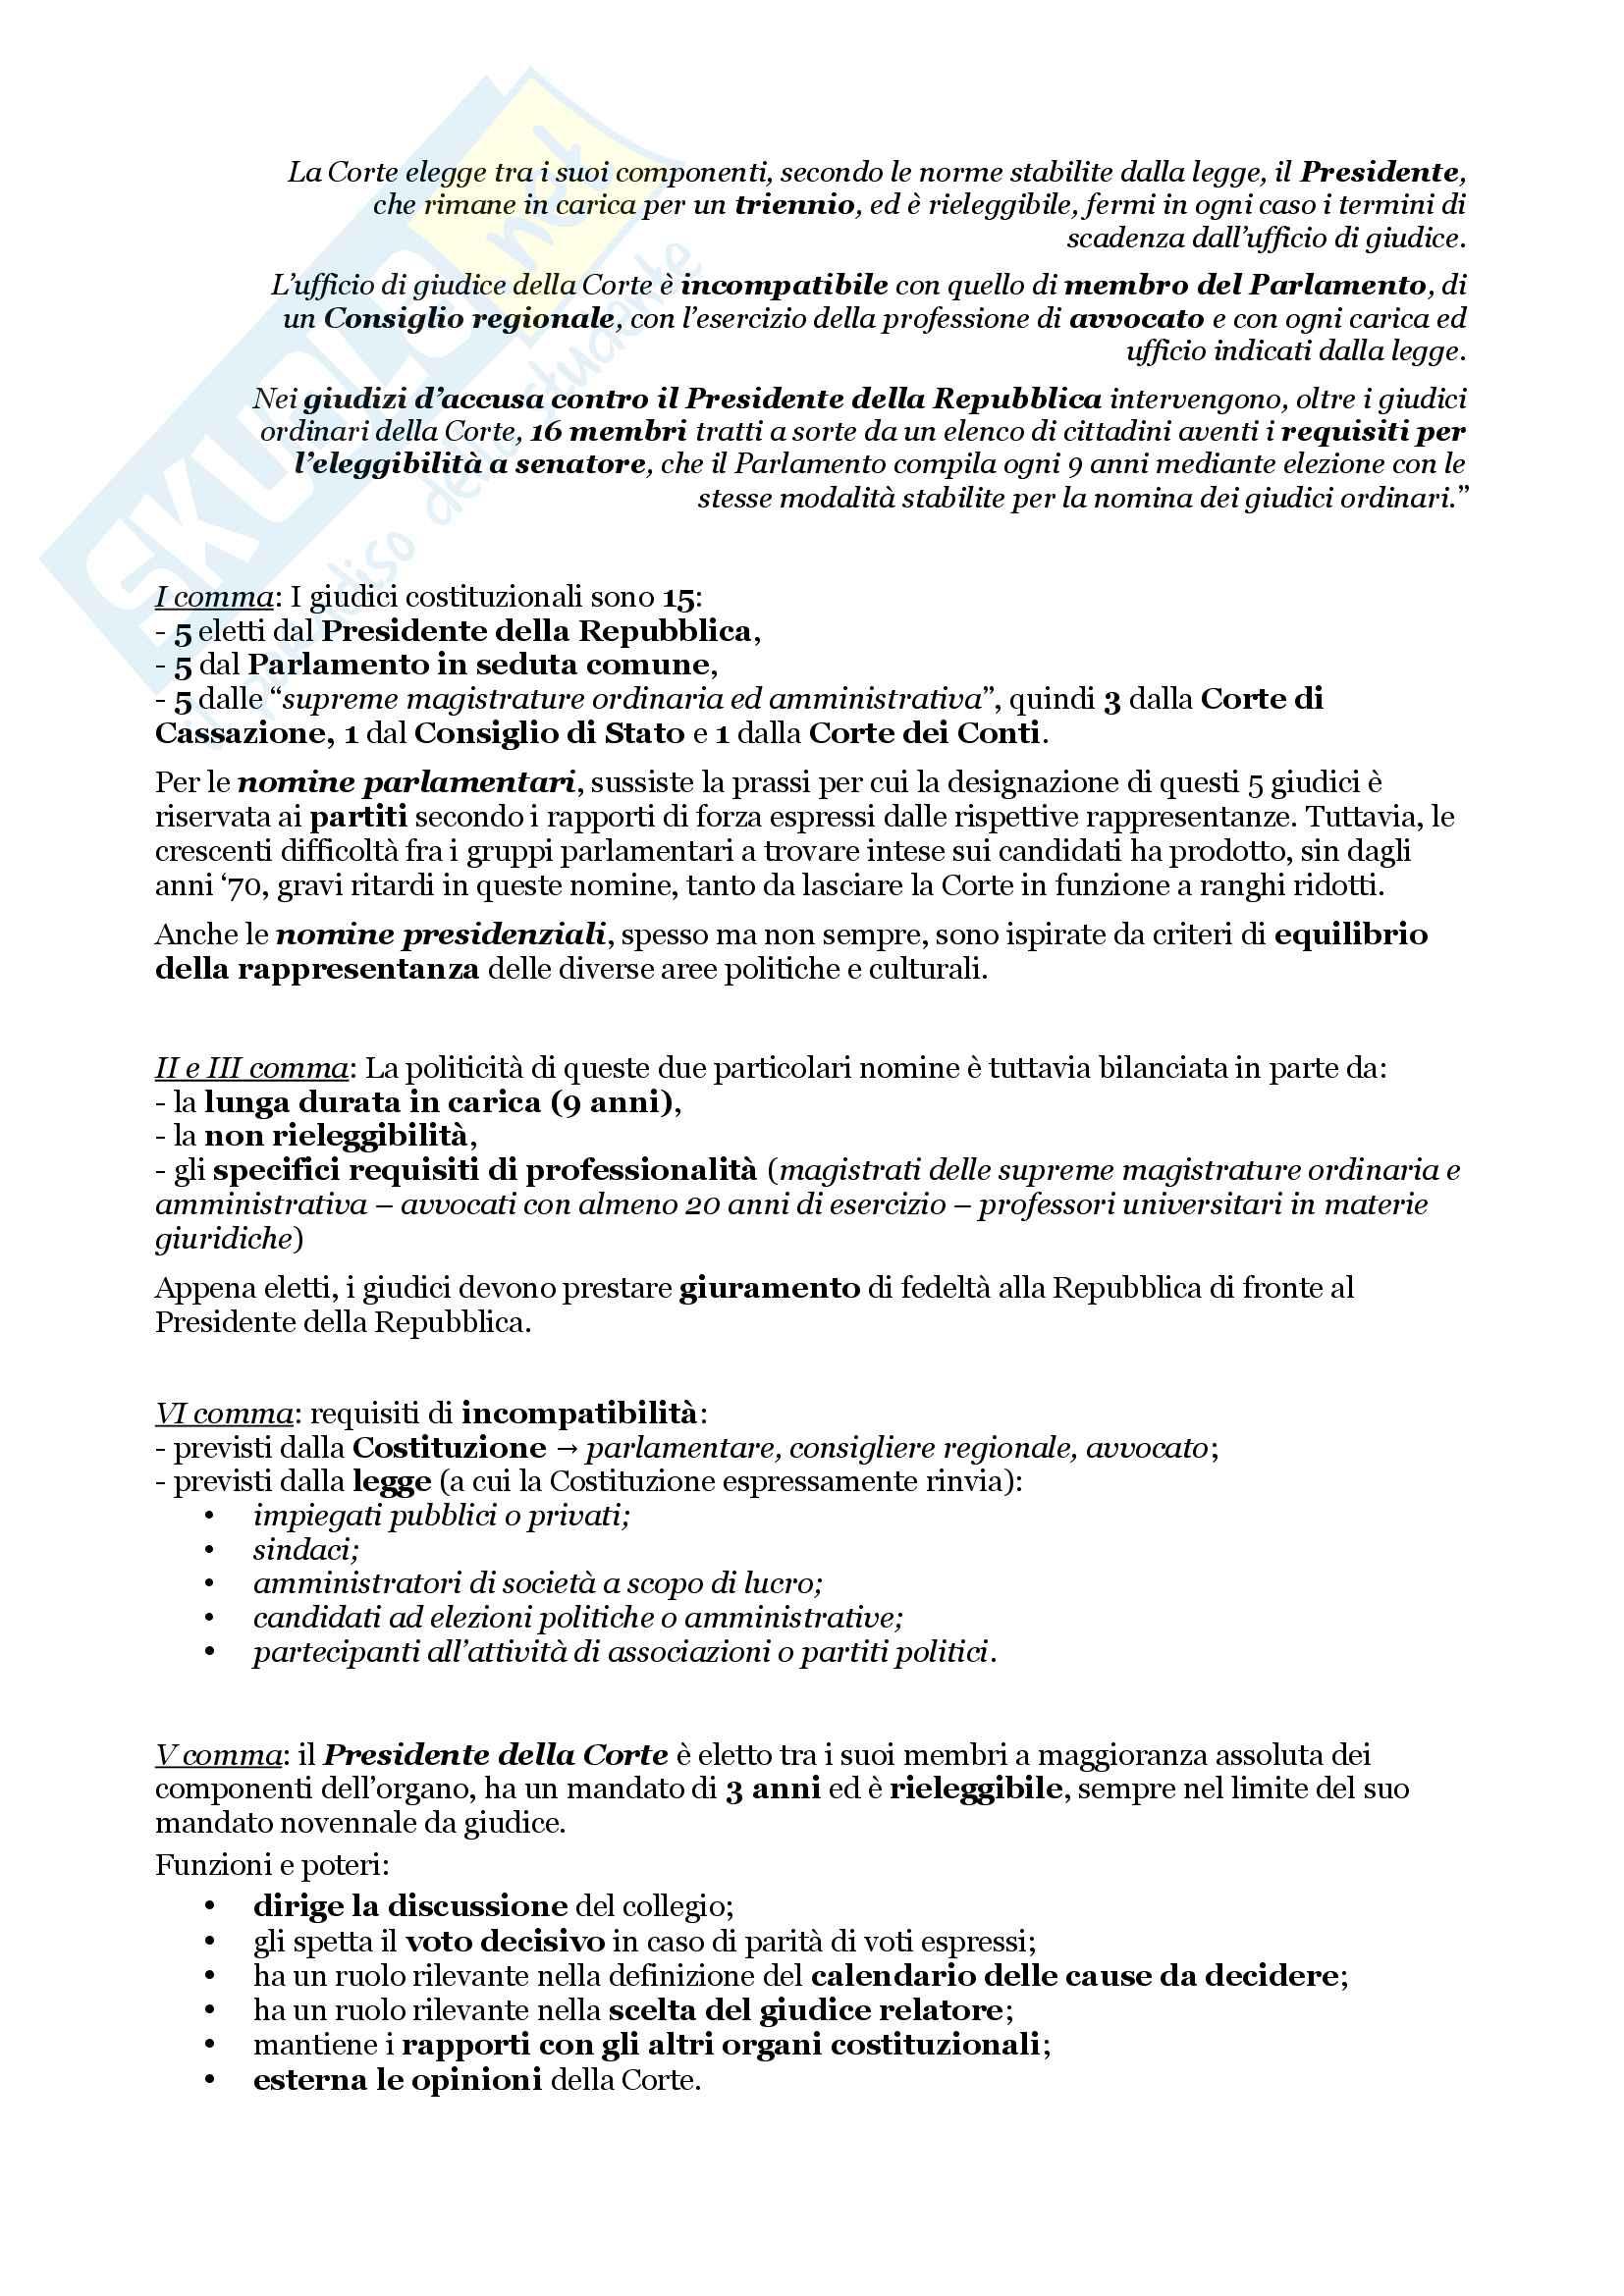 Schemi riassuntivi di istituzioni di diritto pubblico (libro di riferimento: Diritto costituzionale e pubblico, Carretti, De Siervo) Pag. 81